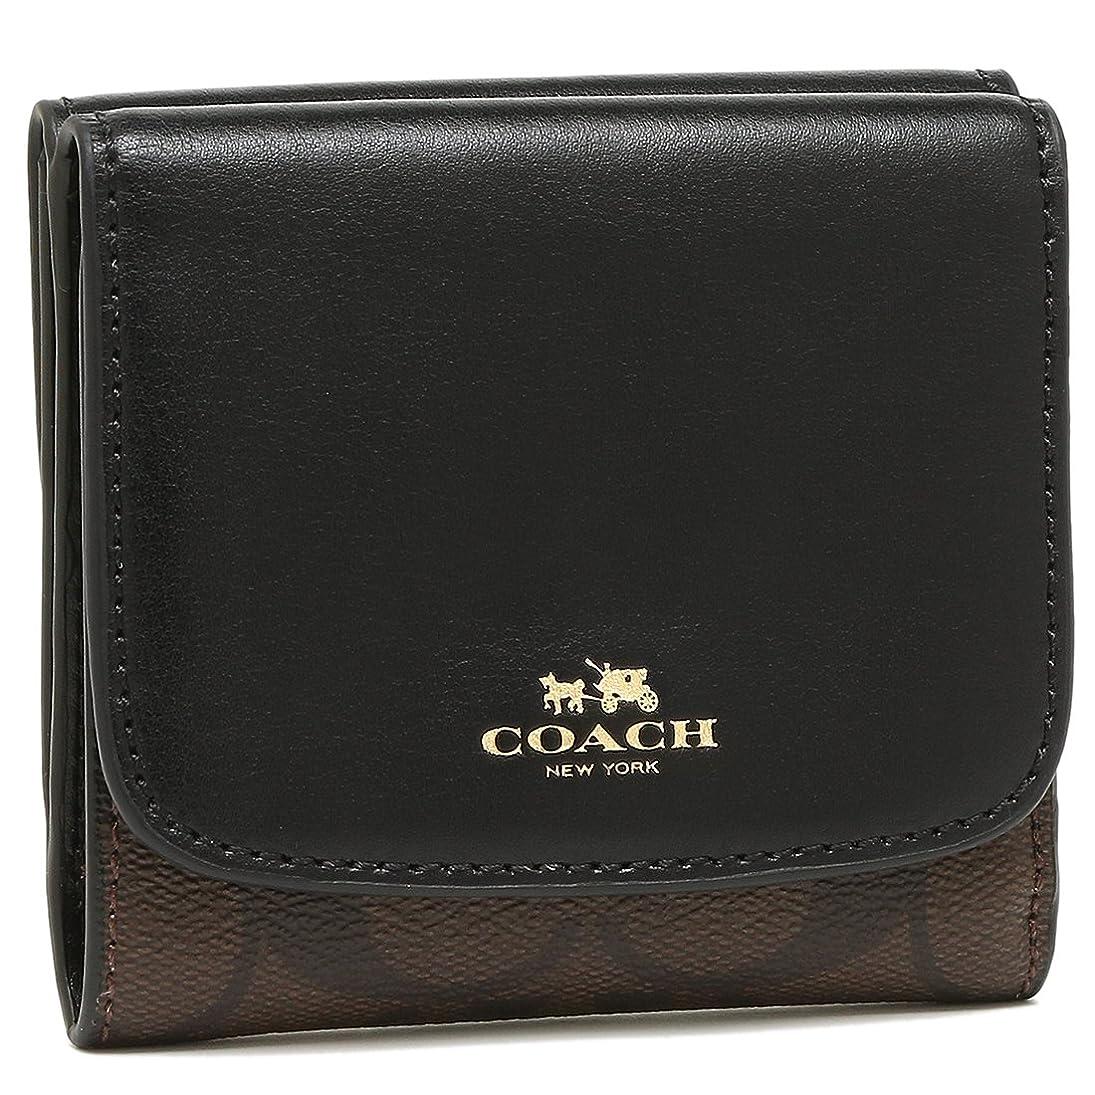 独立時計チェスをするCOACH 財布 アウトレット コーチ F53837 IMAA8 シグネチャー スモールウォレット 二つ折り財布 ブラウン/ブラック [並行輸入品]